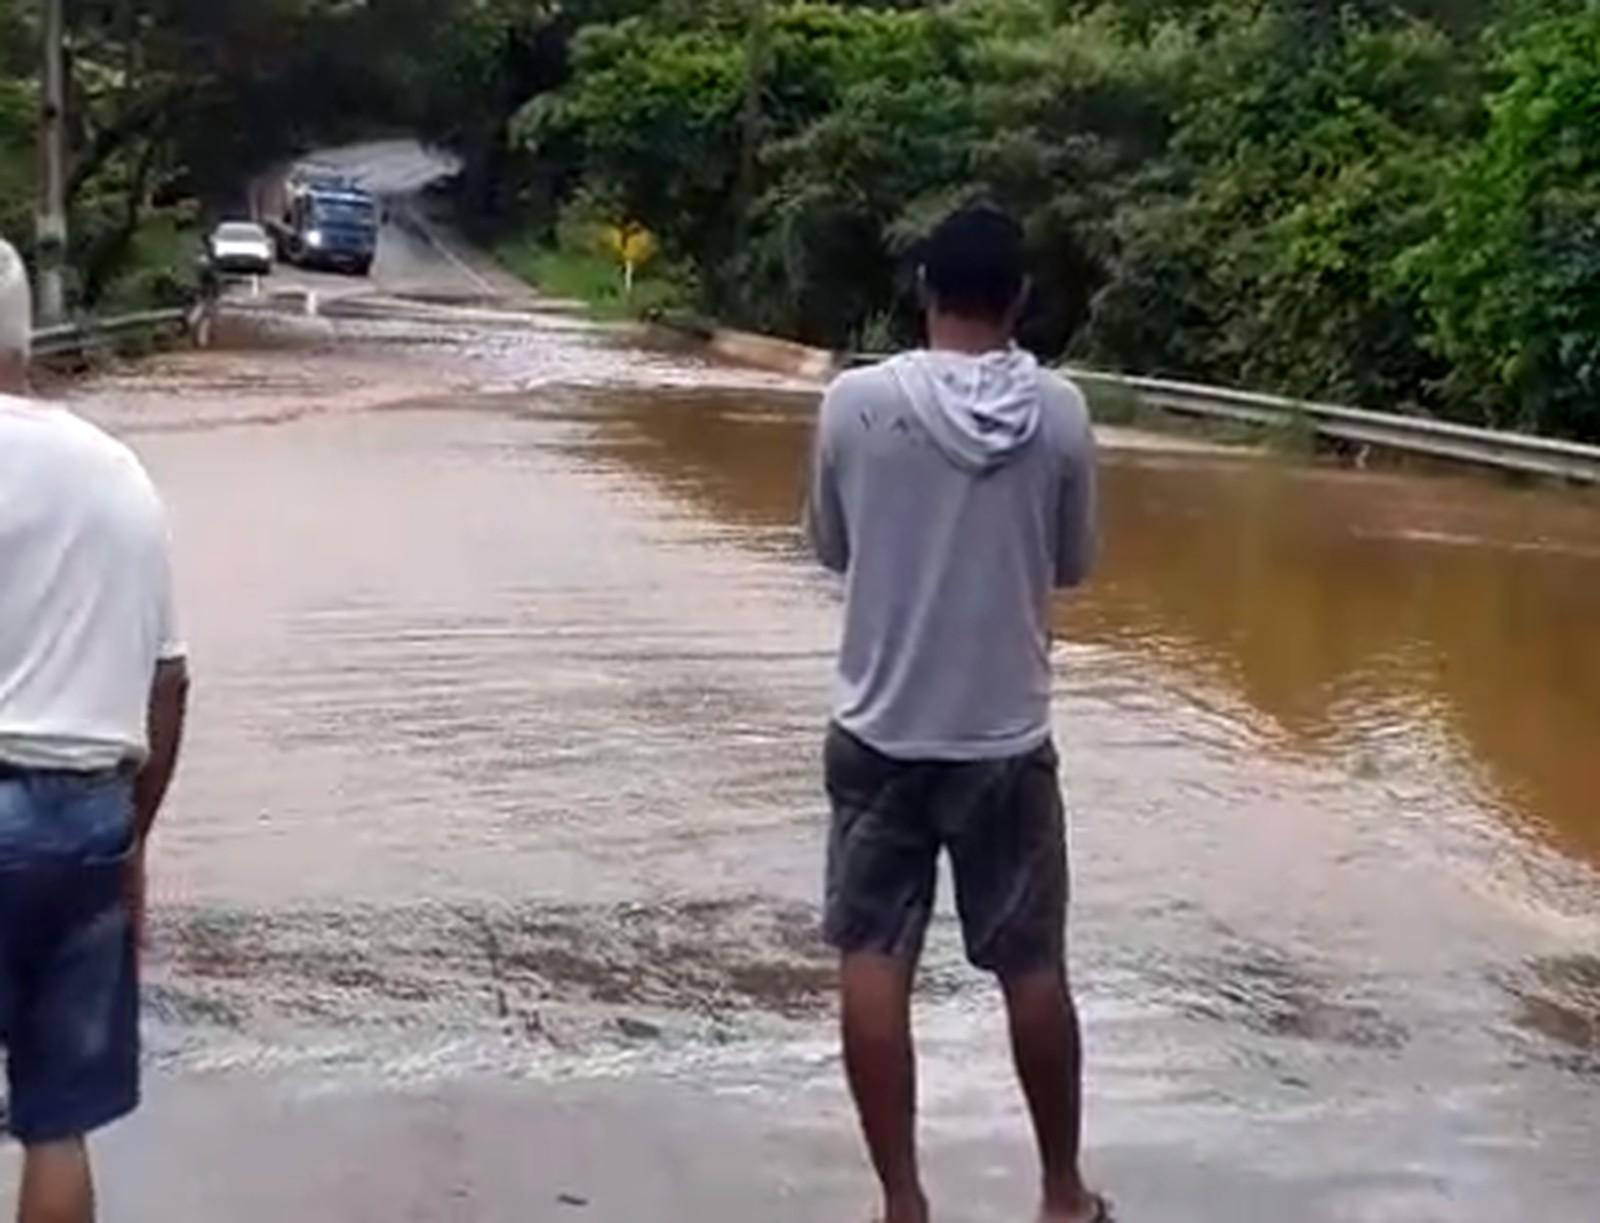 Córrego transborda após forte chuva e invade casa, centro espírita e rodovia em Taquaruçu